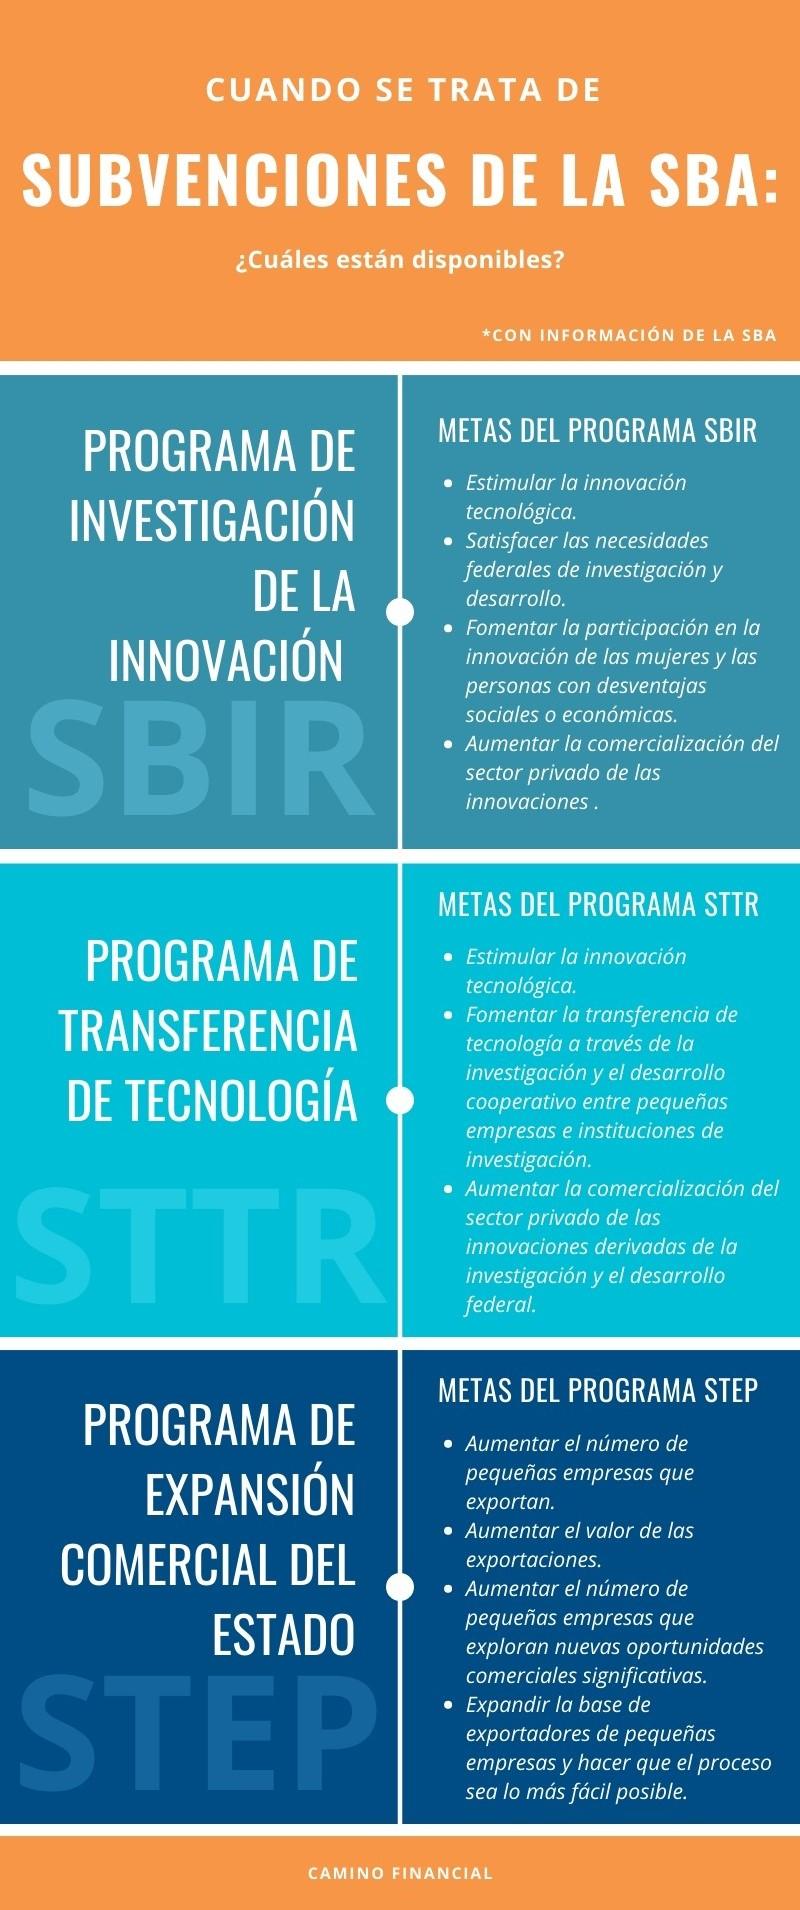 Subvenciones de la SBA, infografía, Camino Financial